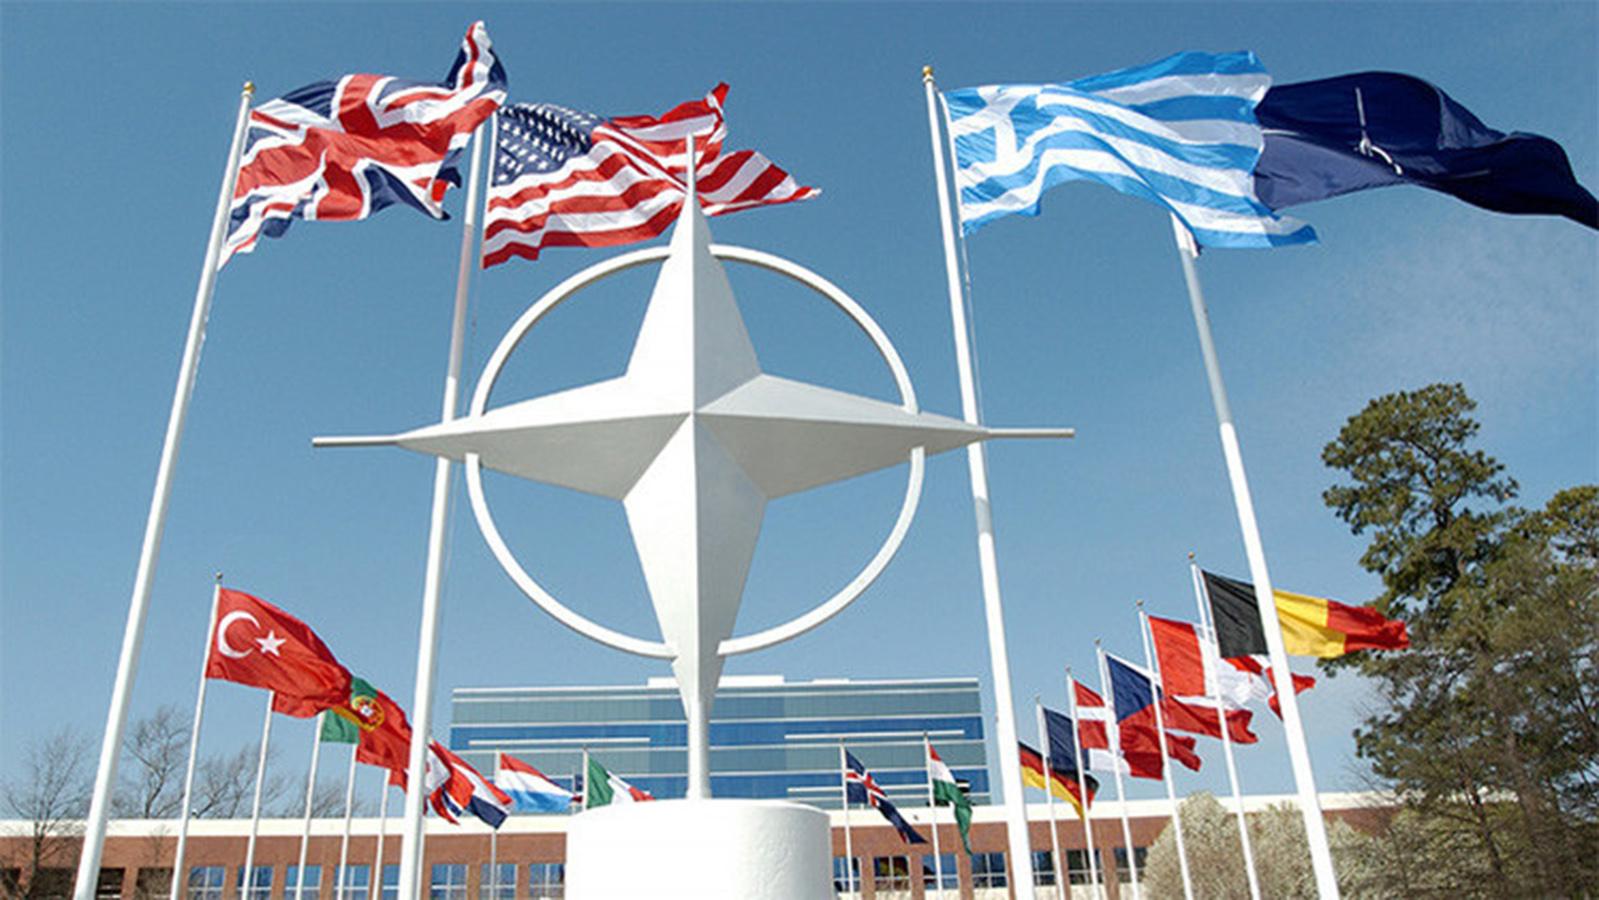 La OTAN ha quedado obsoleta tras el final de la Guerra Fría y no es admisible imaginar enemigos para mantener una organización al servicio de EE UU. | Imagen: Wikipedia.